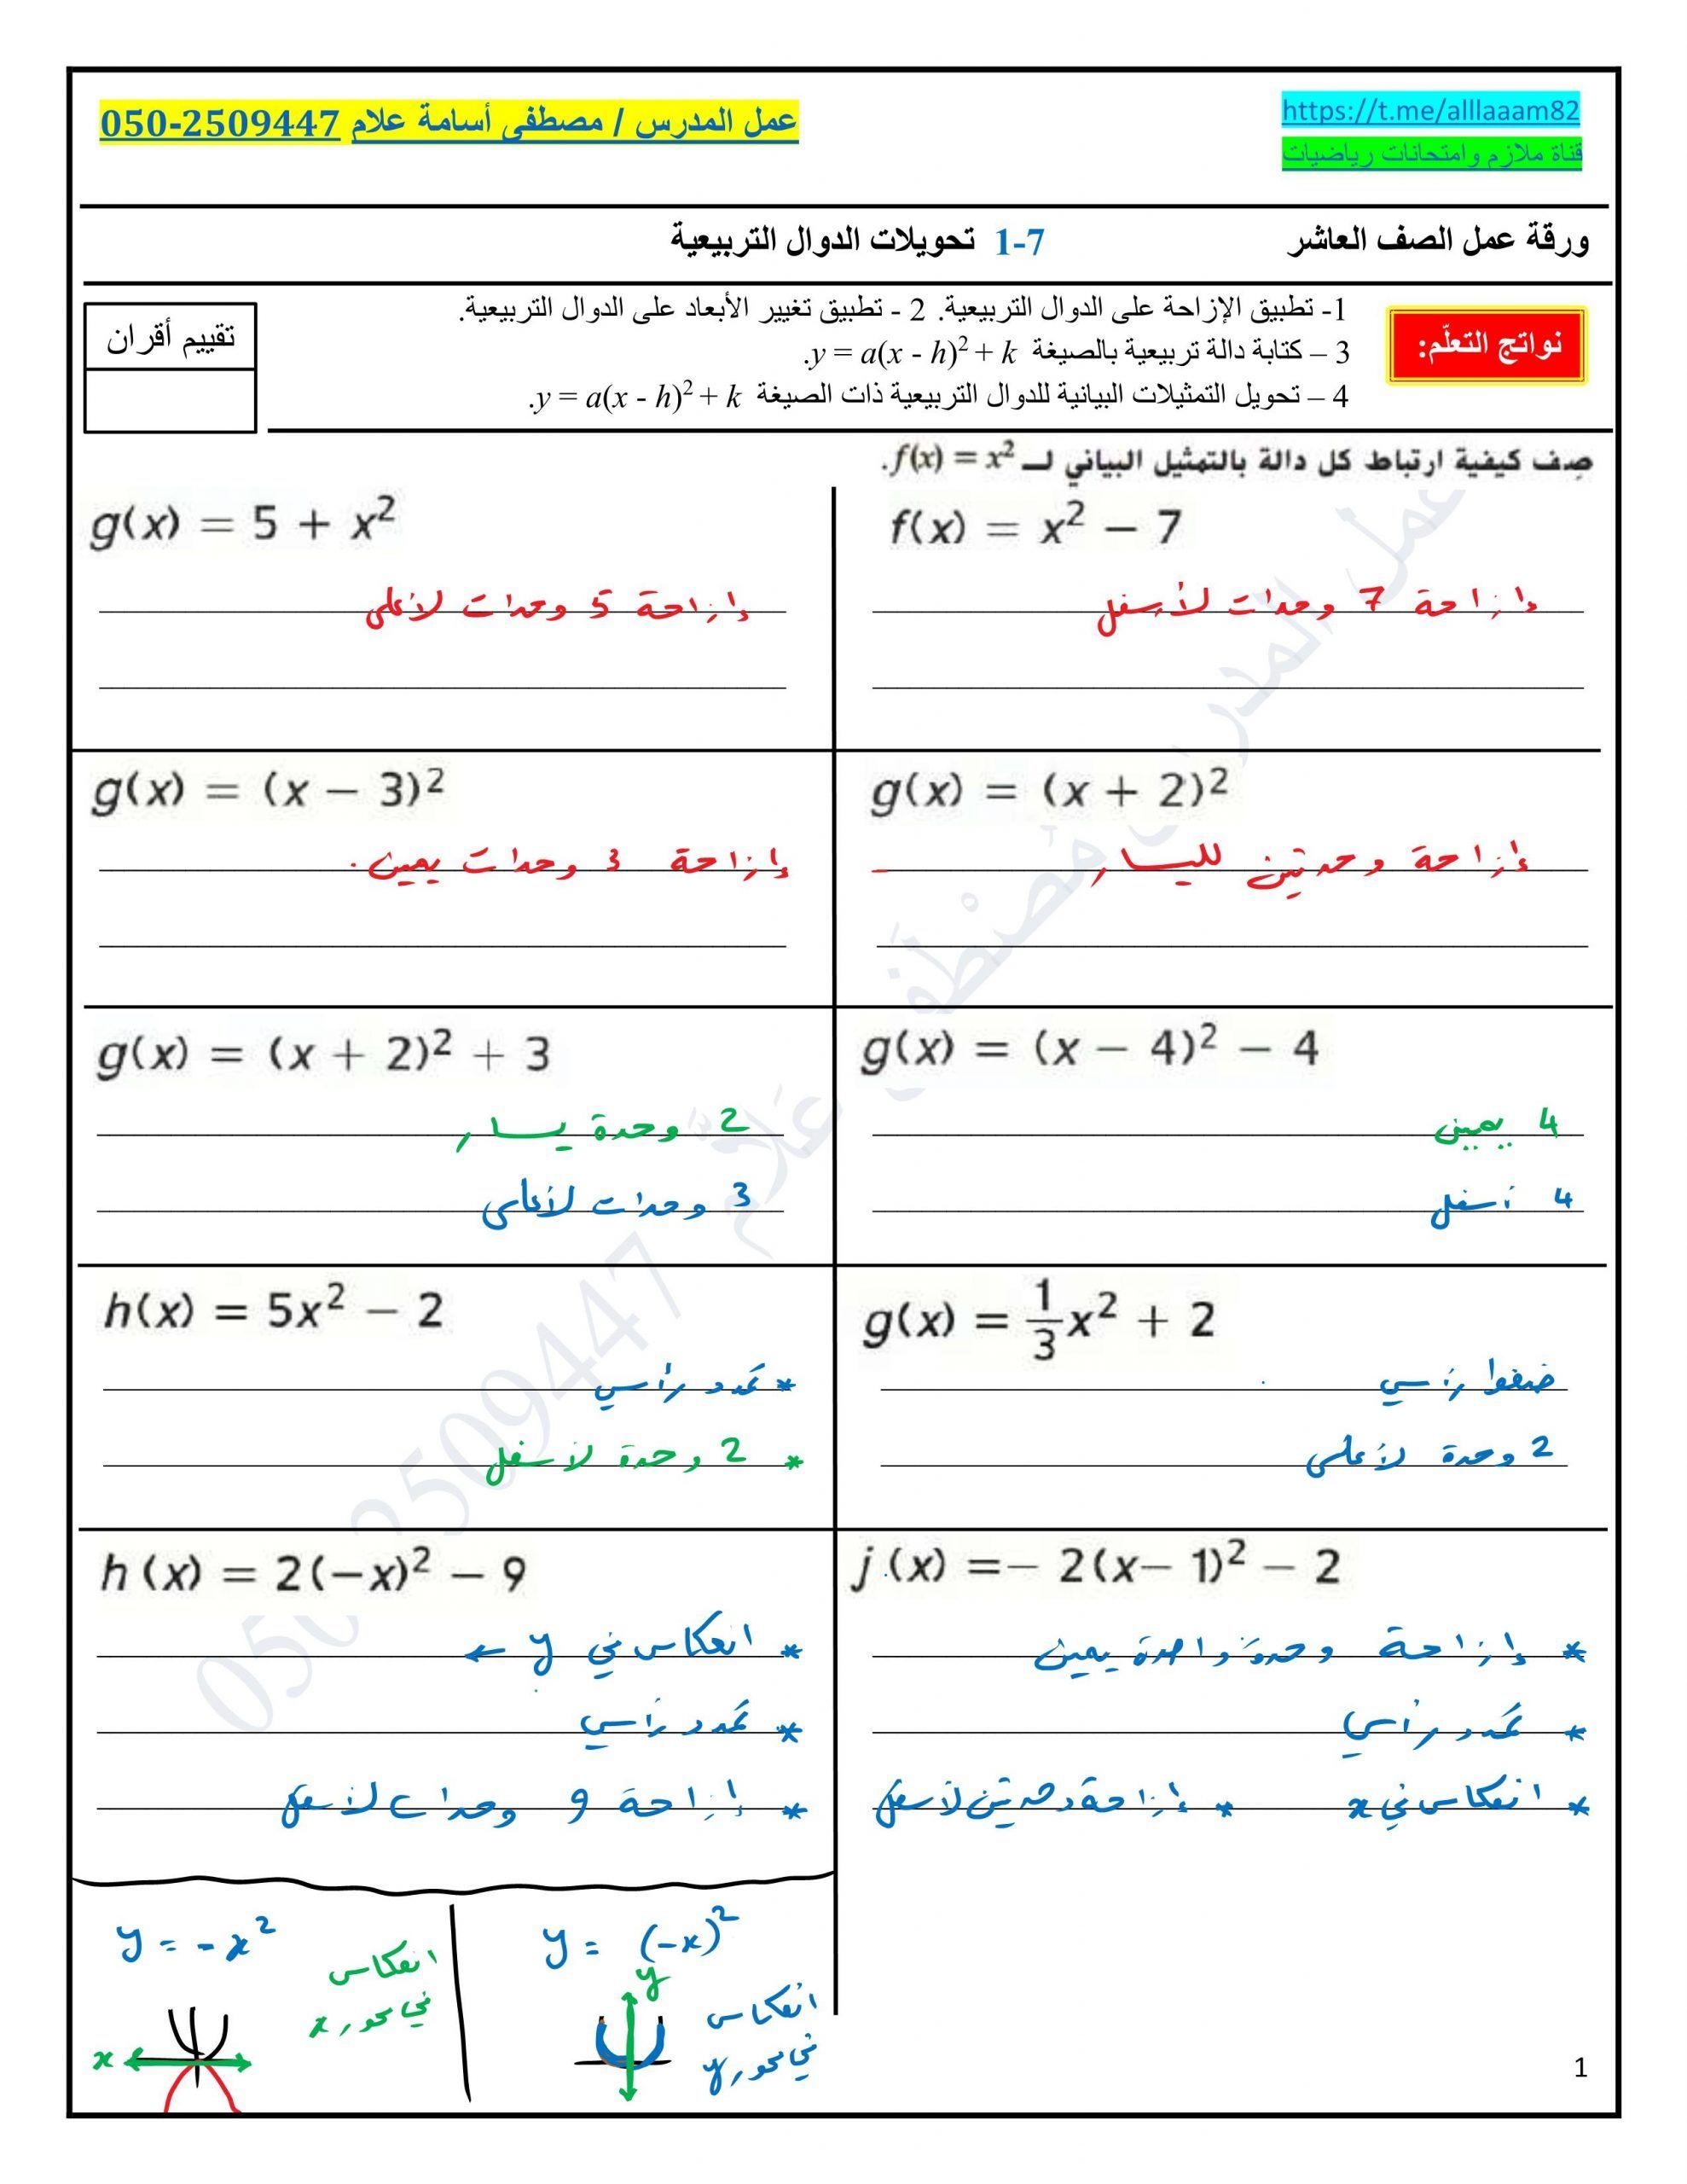 ورقة عمل تحويلات الدوال التربيعية مع الاجابات للصف العاشر مادة الرياضيات المتكاملة Map F X